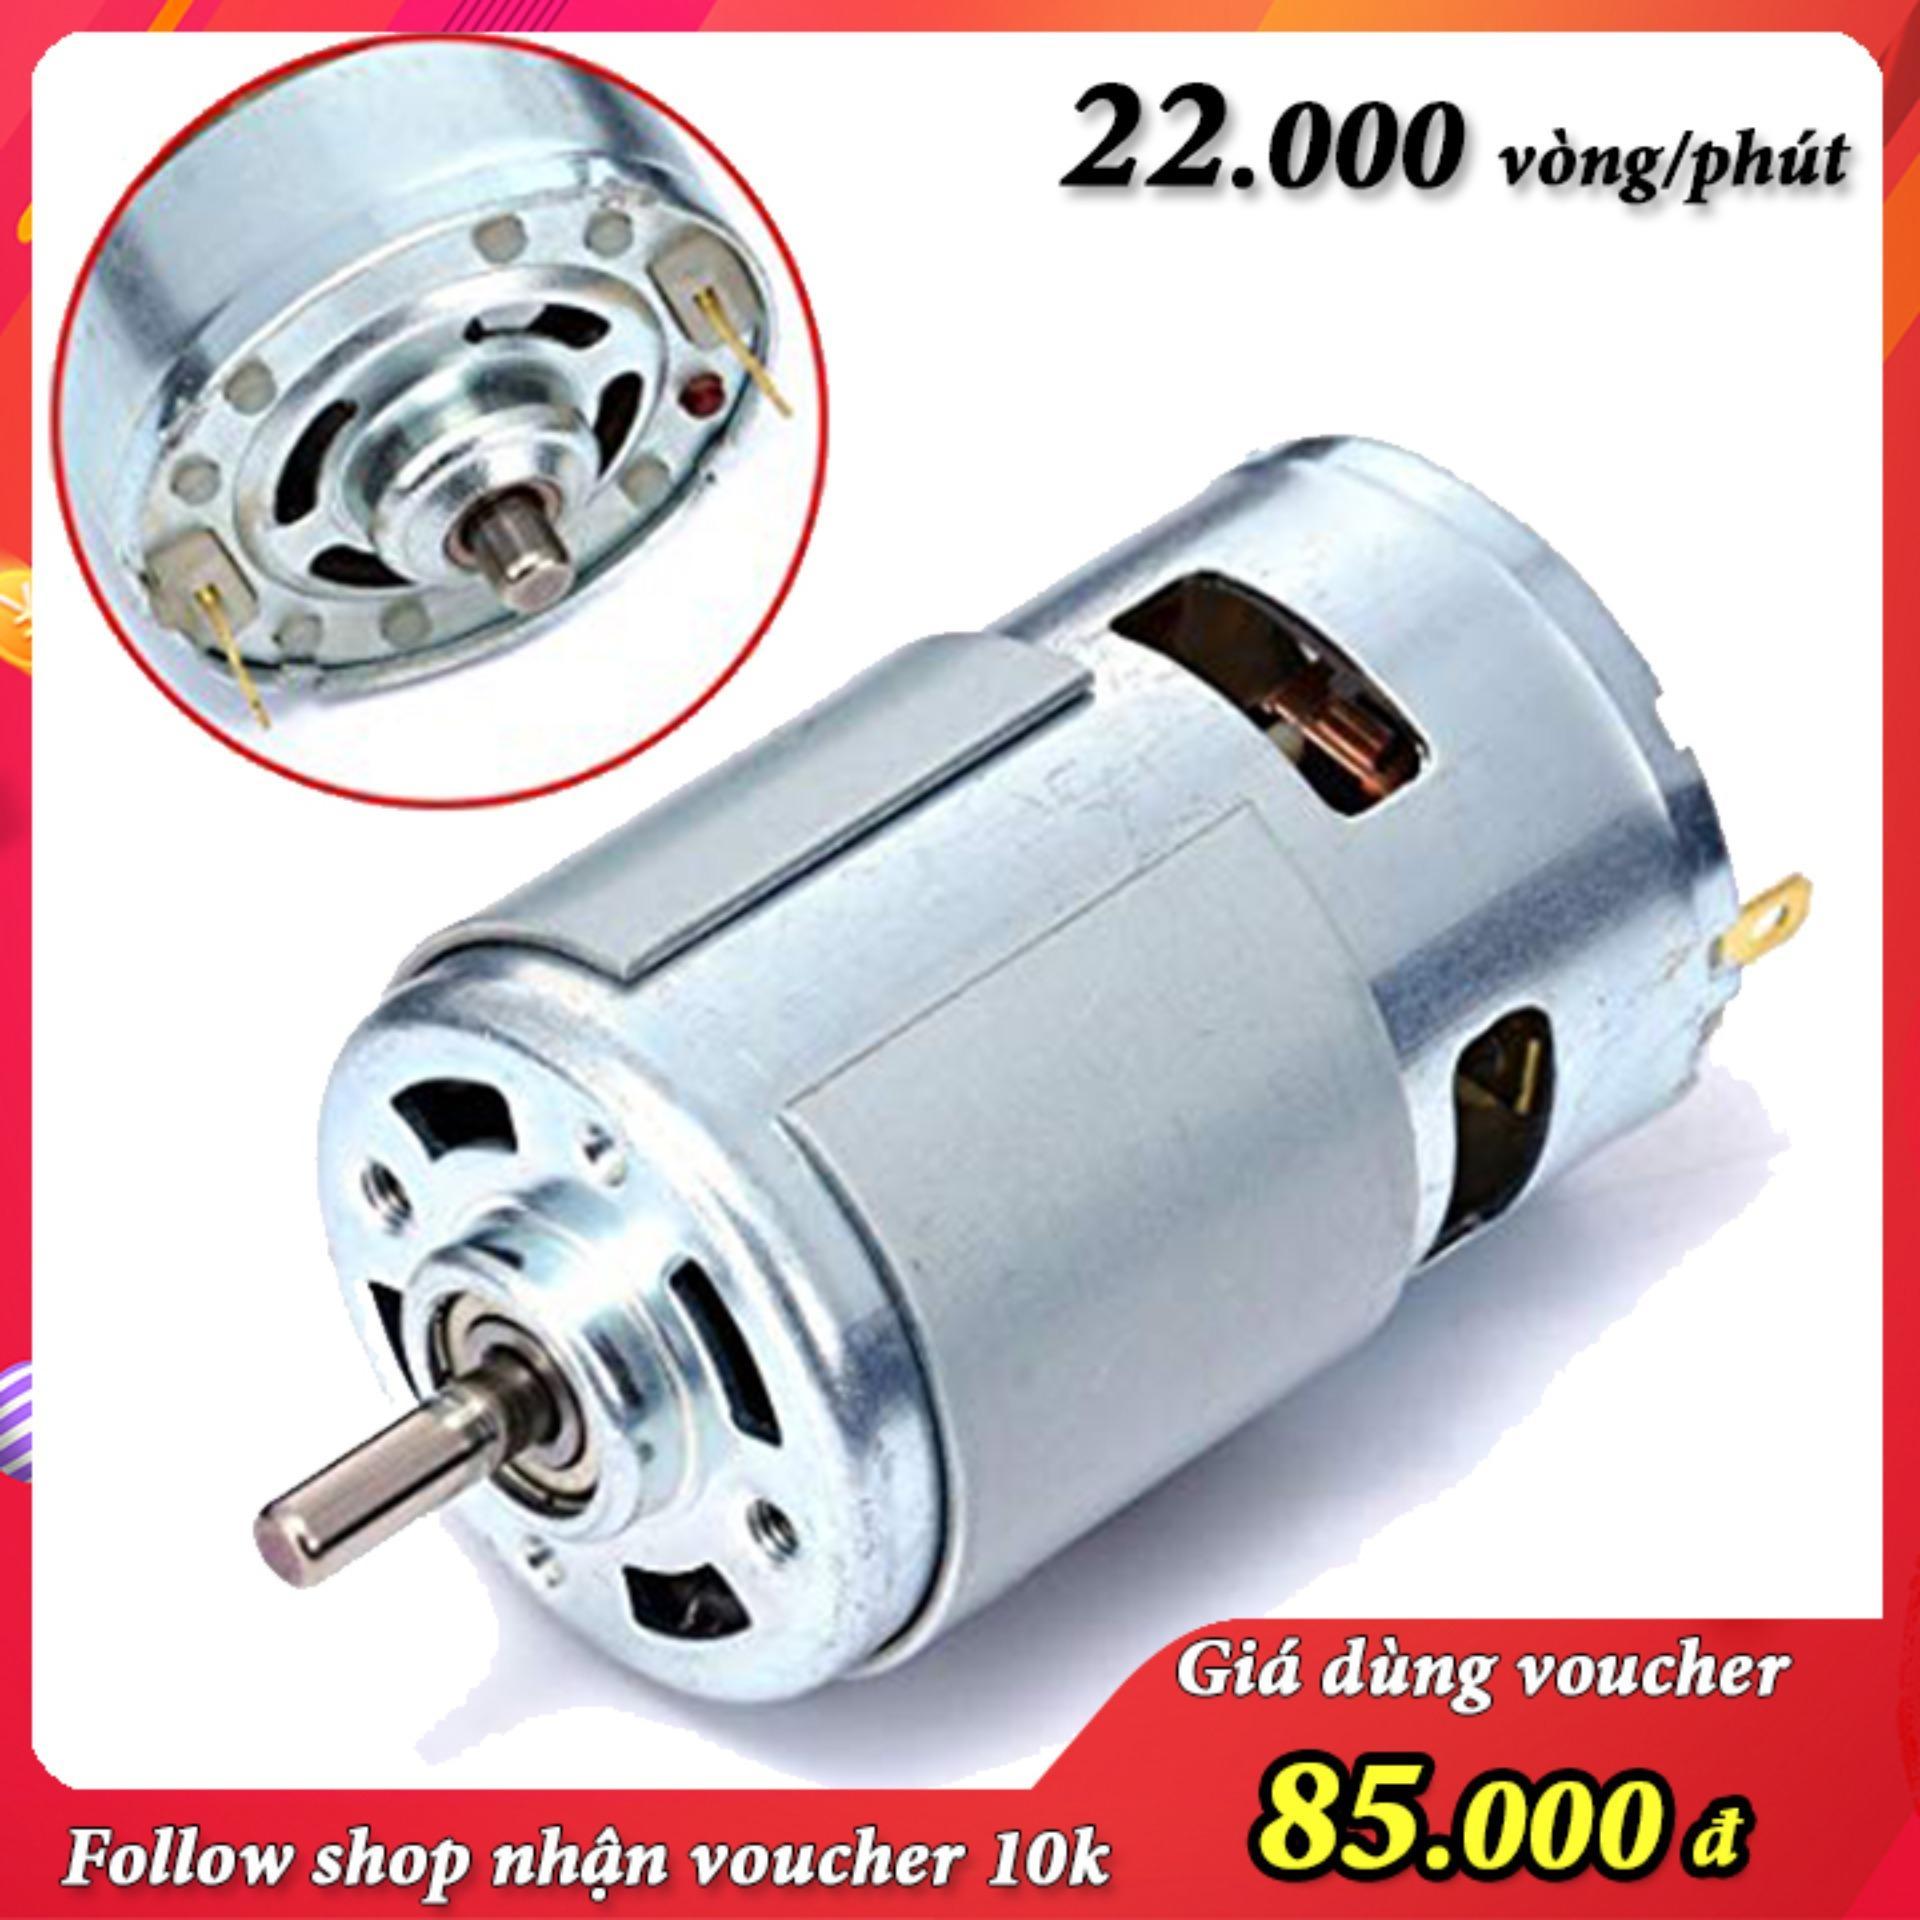 motor 775 12v tốc độ 22000 vòng - motor siêu bền cho dân diy chuyên nghiệp động cơ 775